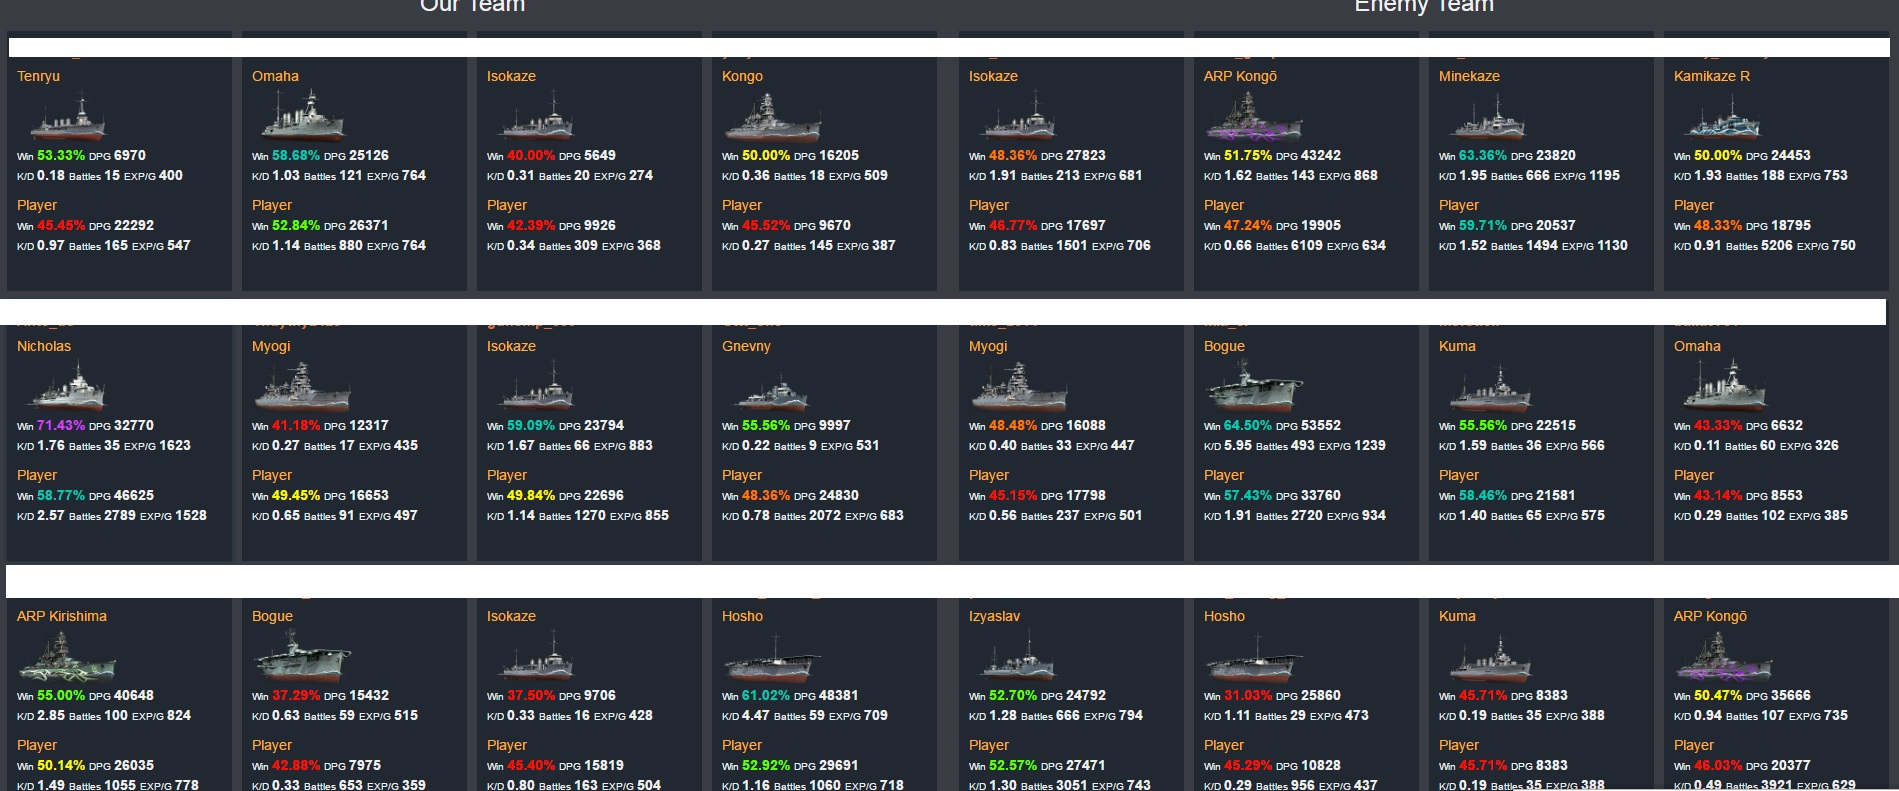 戦総数多過ぎ!.jpg World of Warships